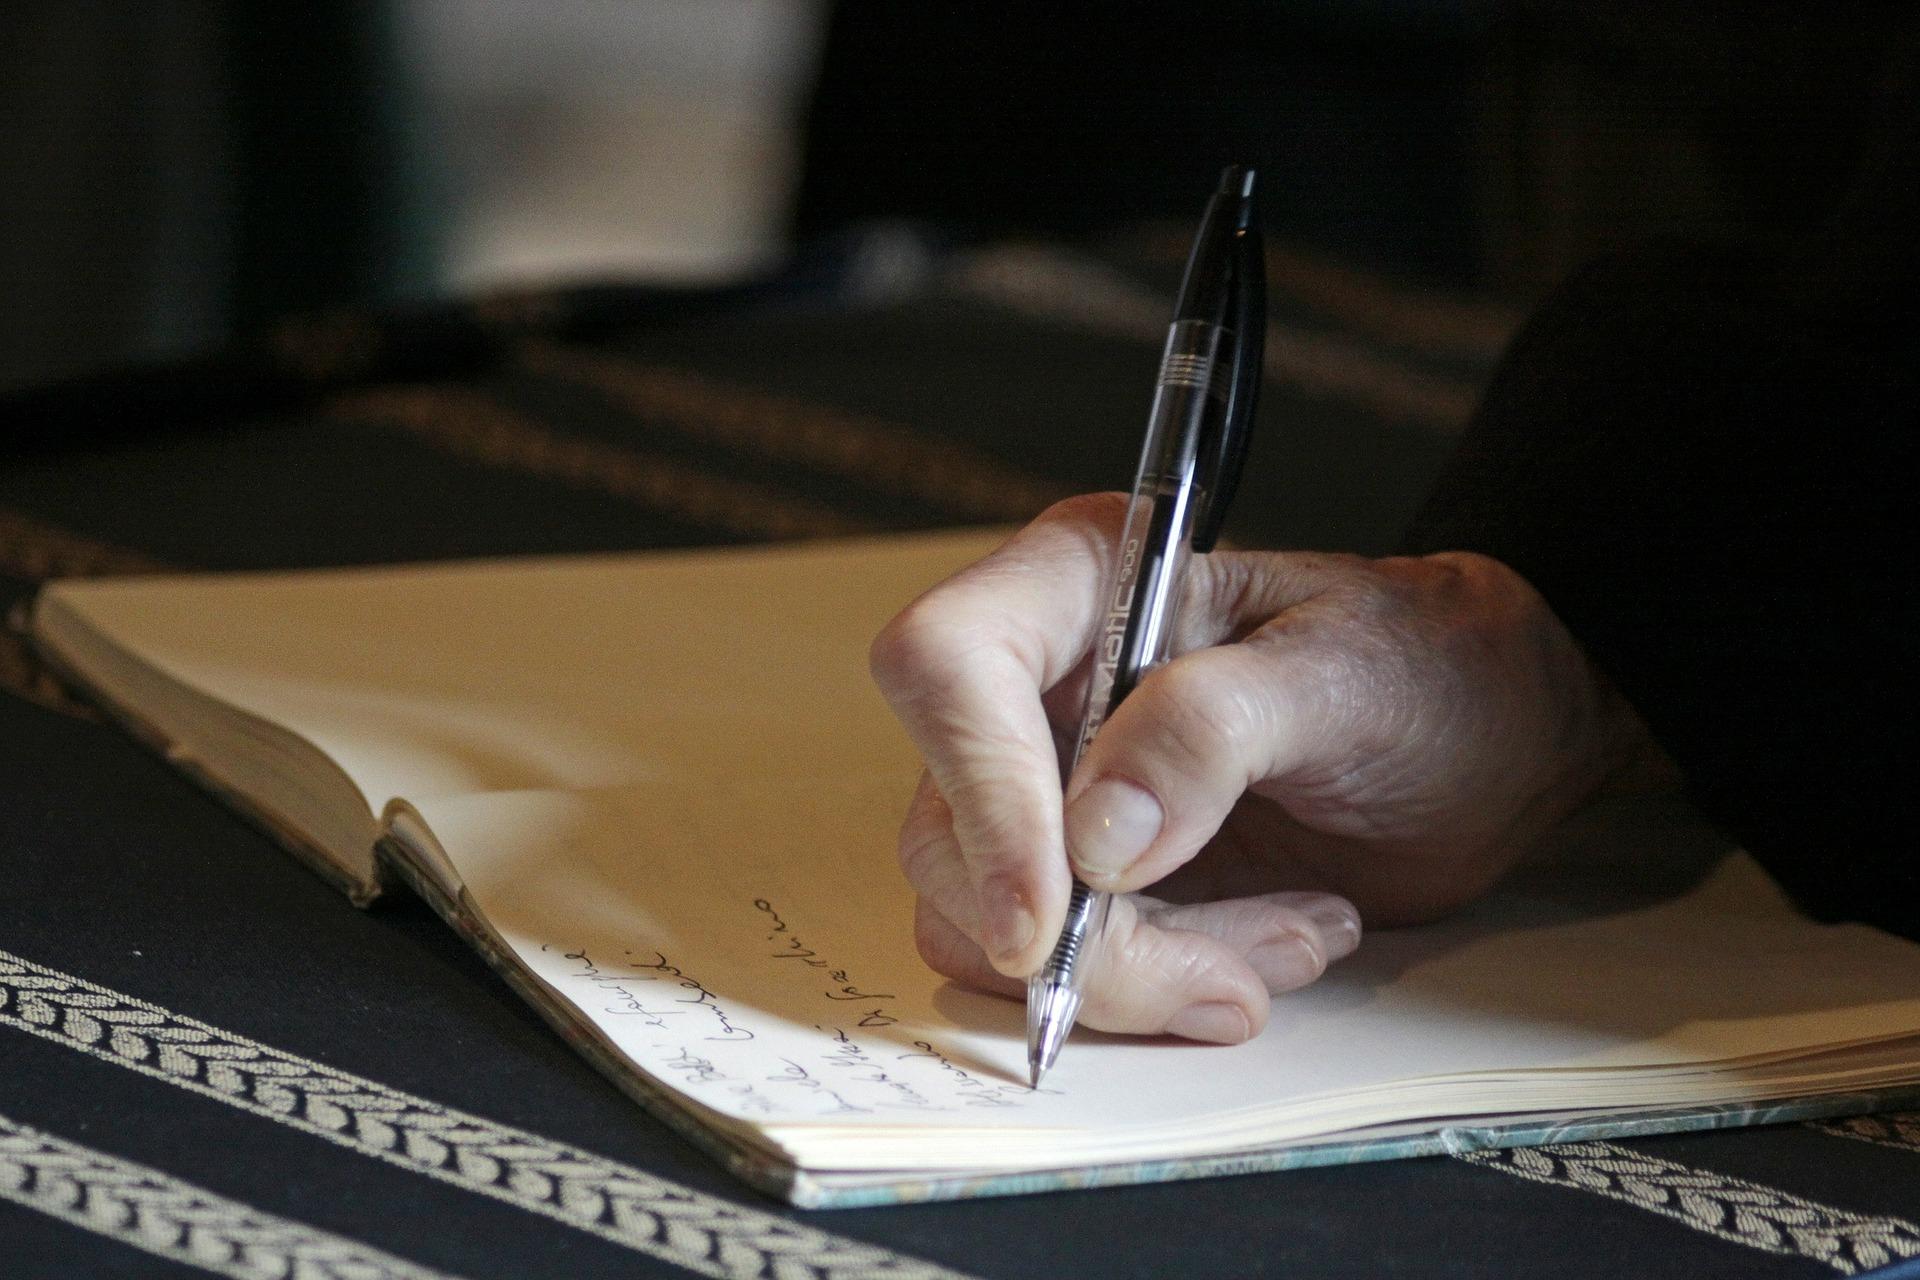 hand 325321 1920 - Di chúc của người không biết chữ sẽ như thế nào?